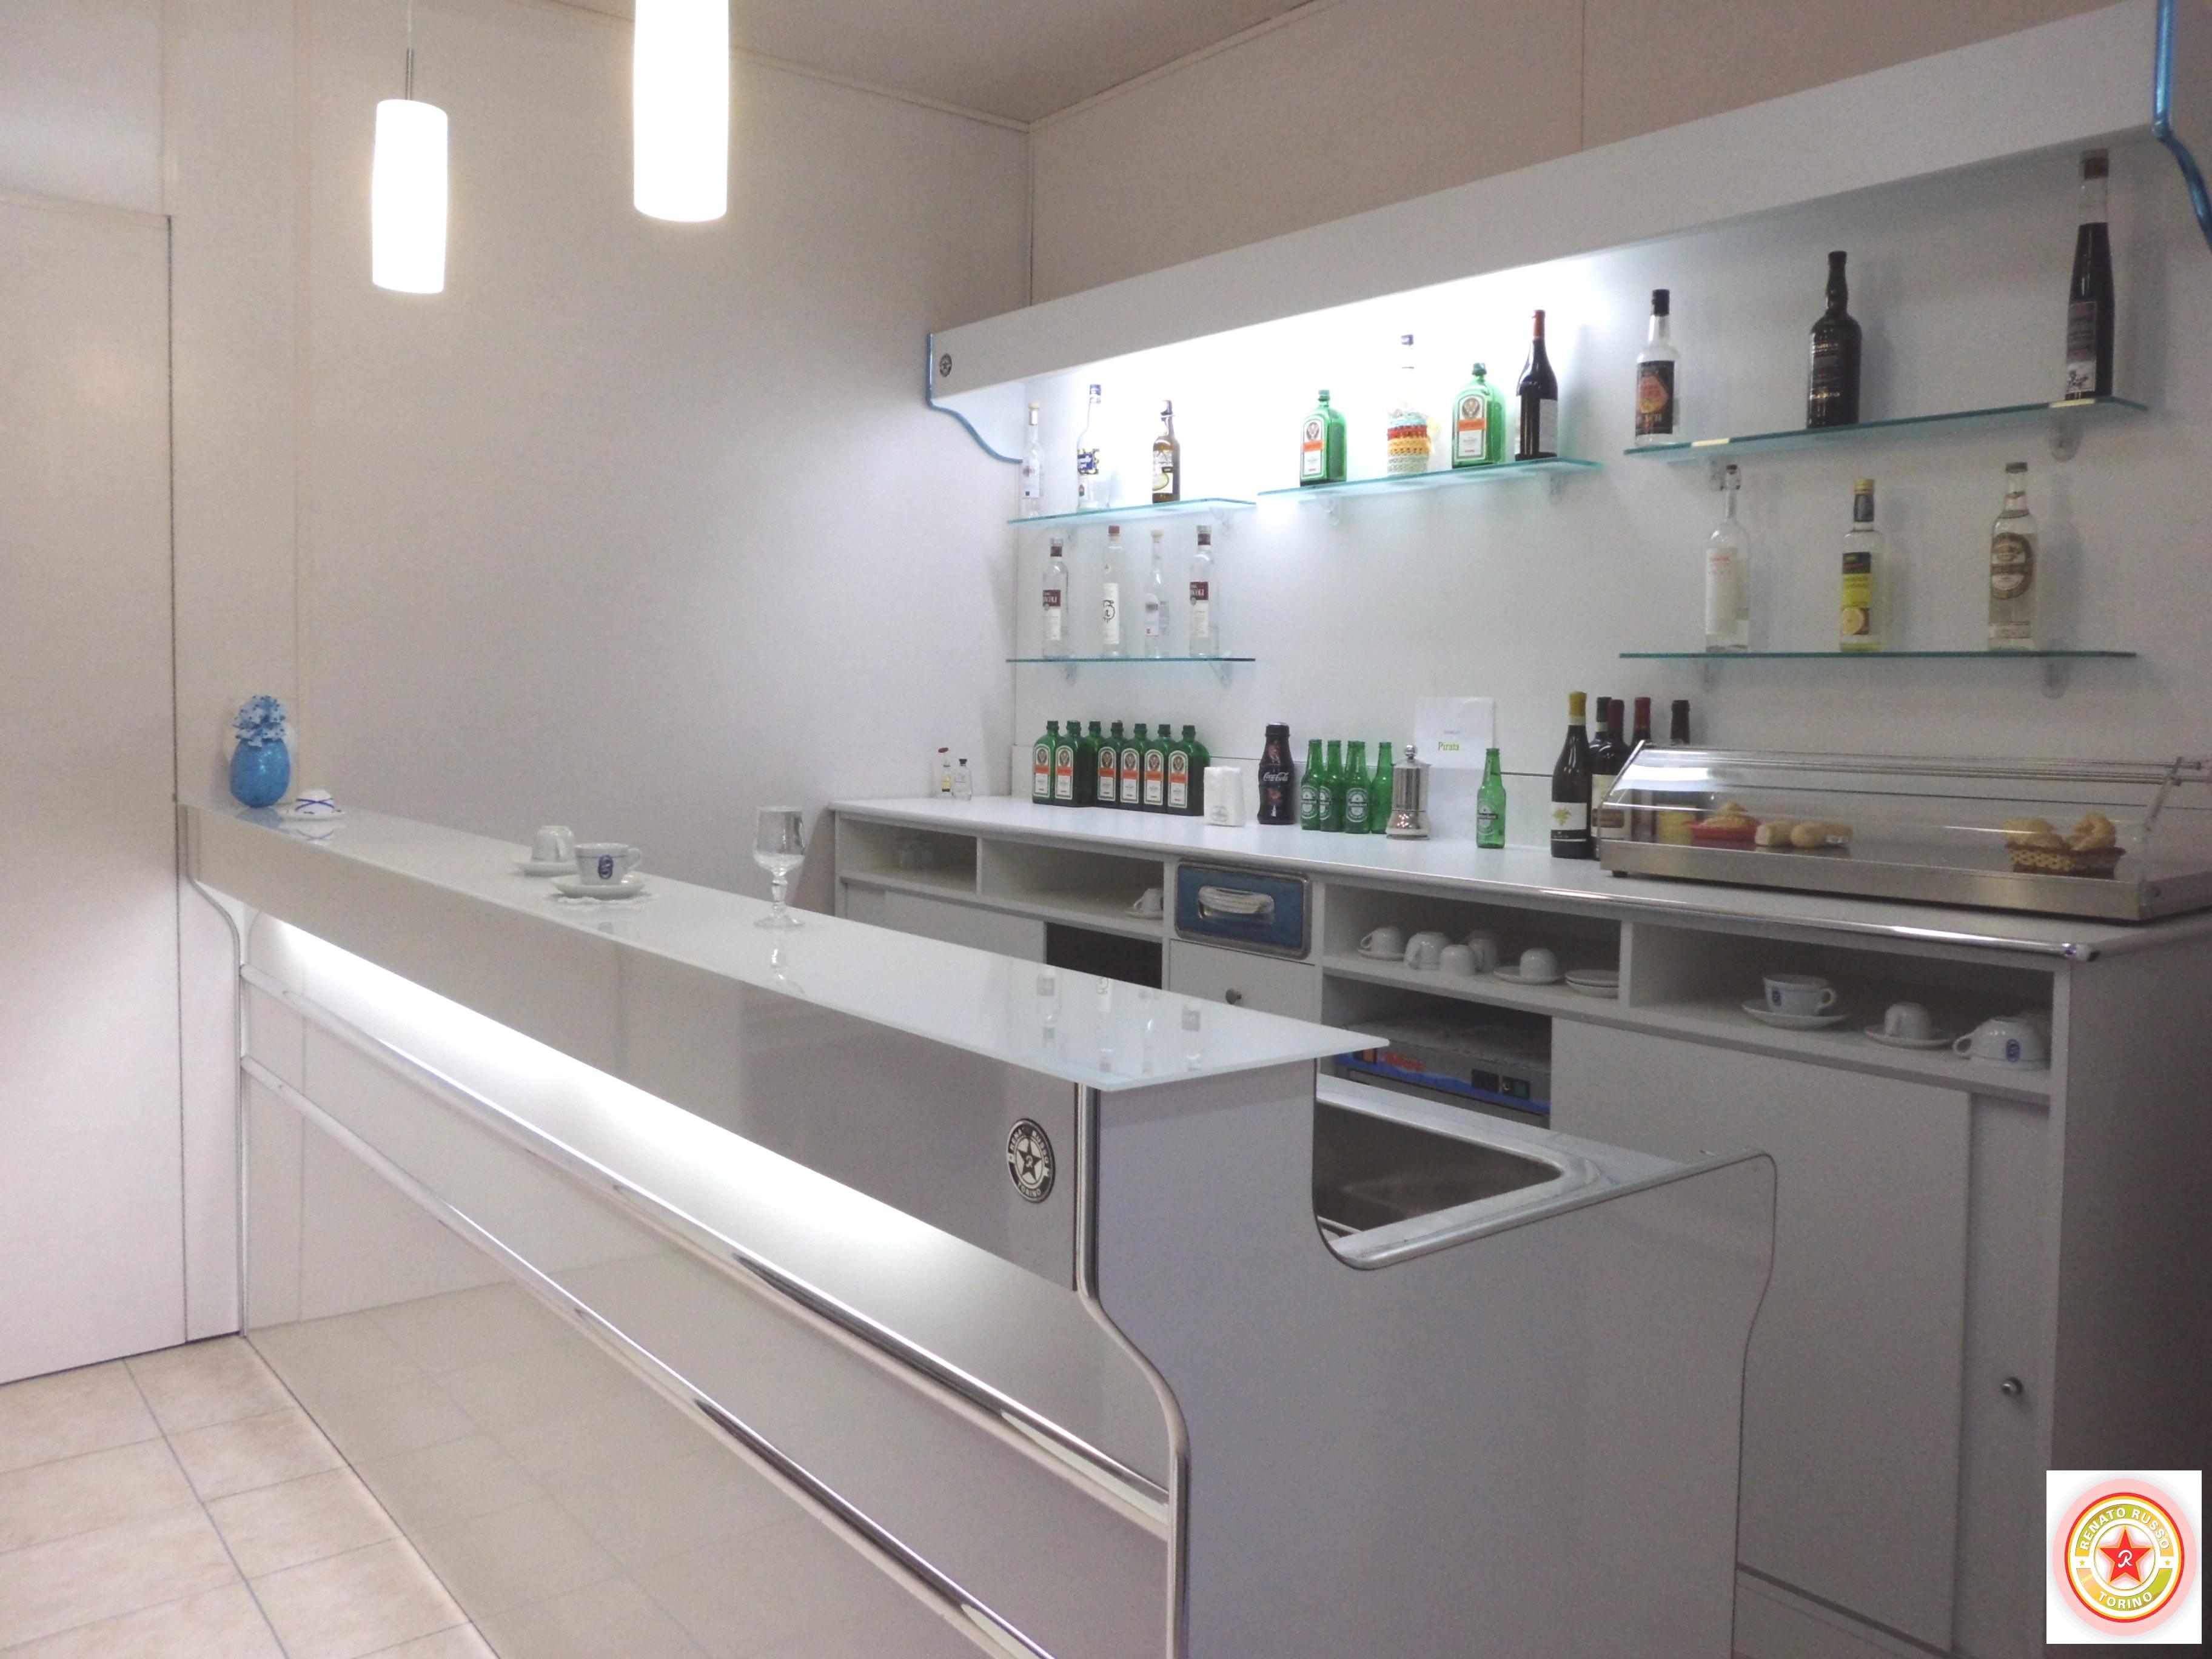 Produttori di banchi bar arredamenti per bar banconi bar for Arredamenti per bar